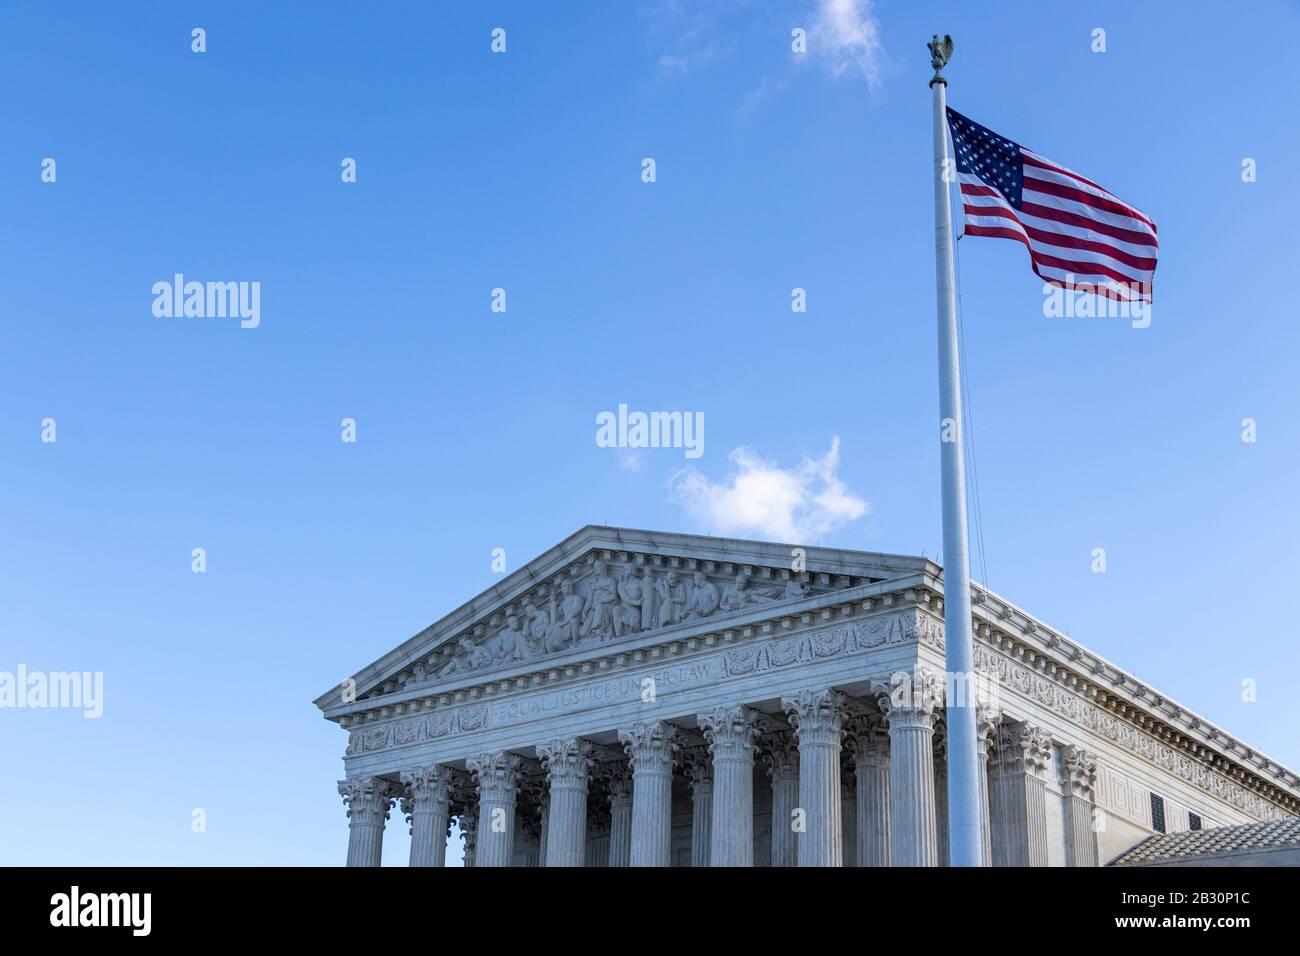 Amerikanische Flagge schwenkt vor dem Obersten Gerichtshof der Vereinigten Staaten aus. Stockfoto